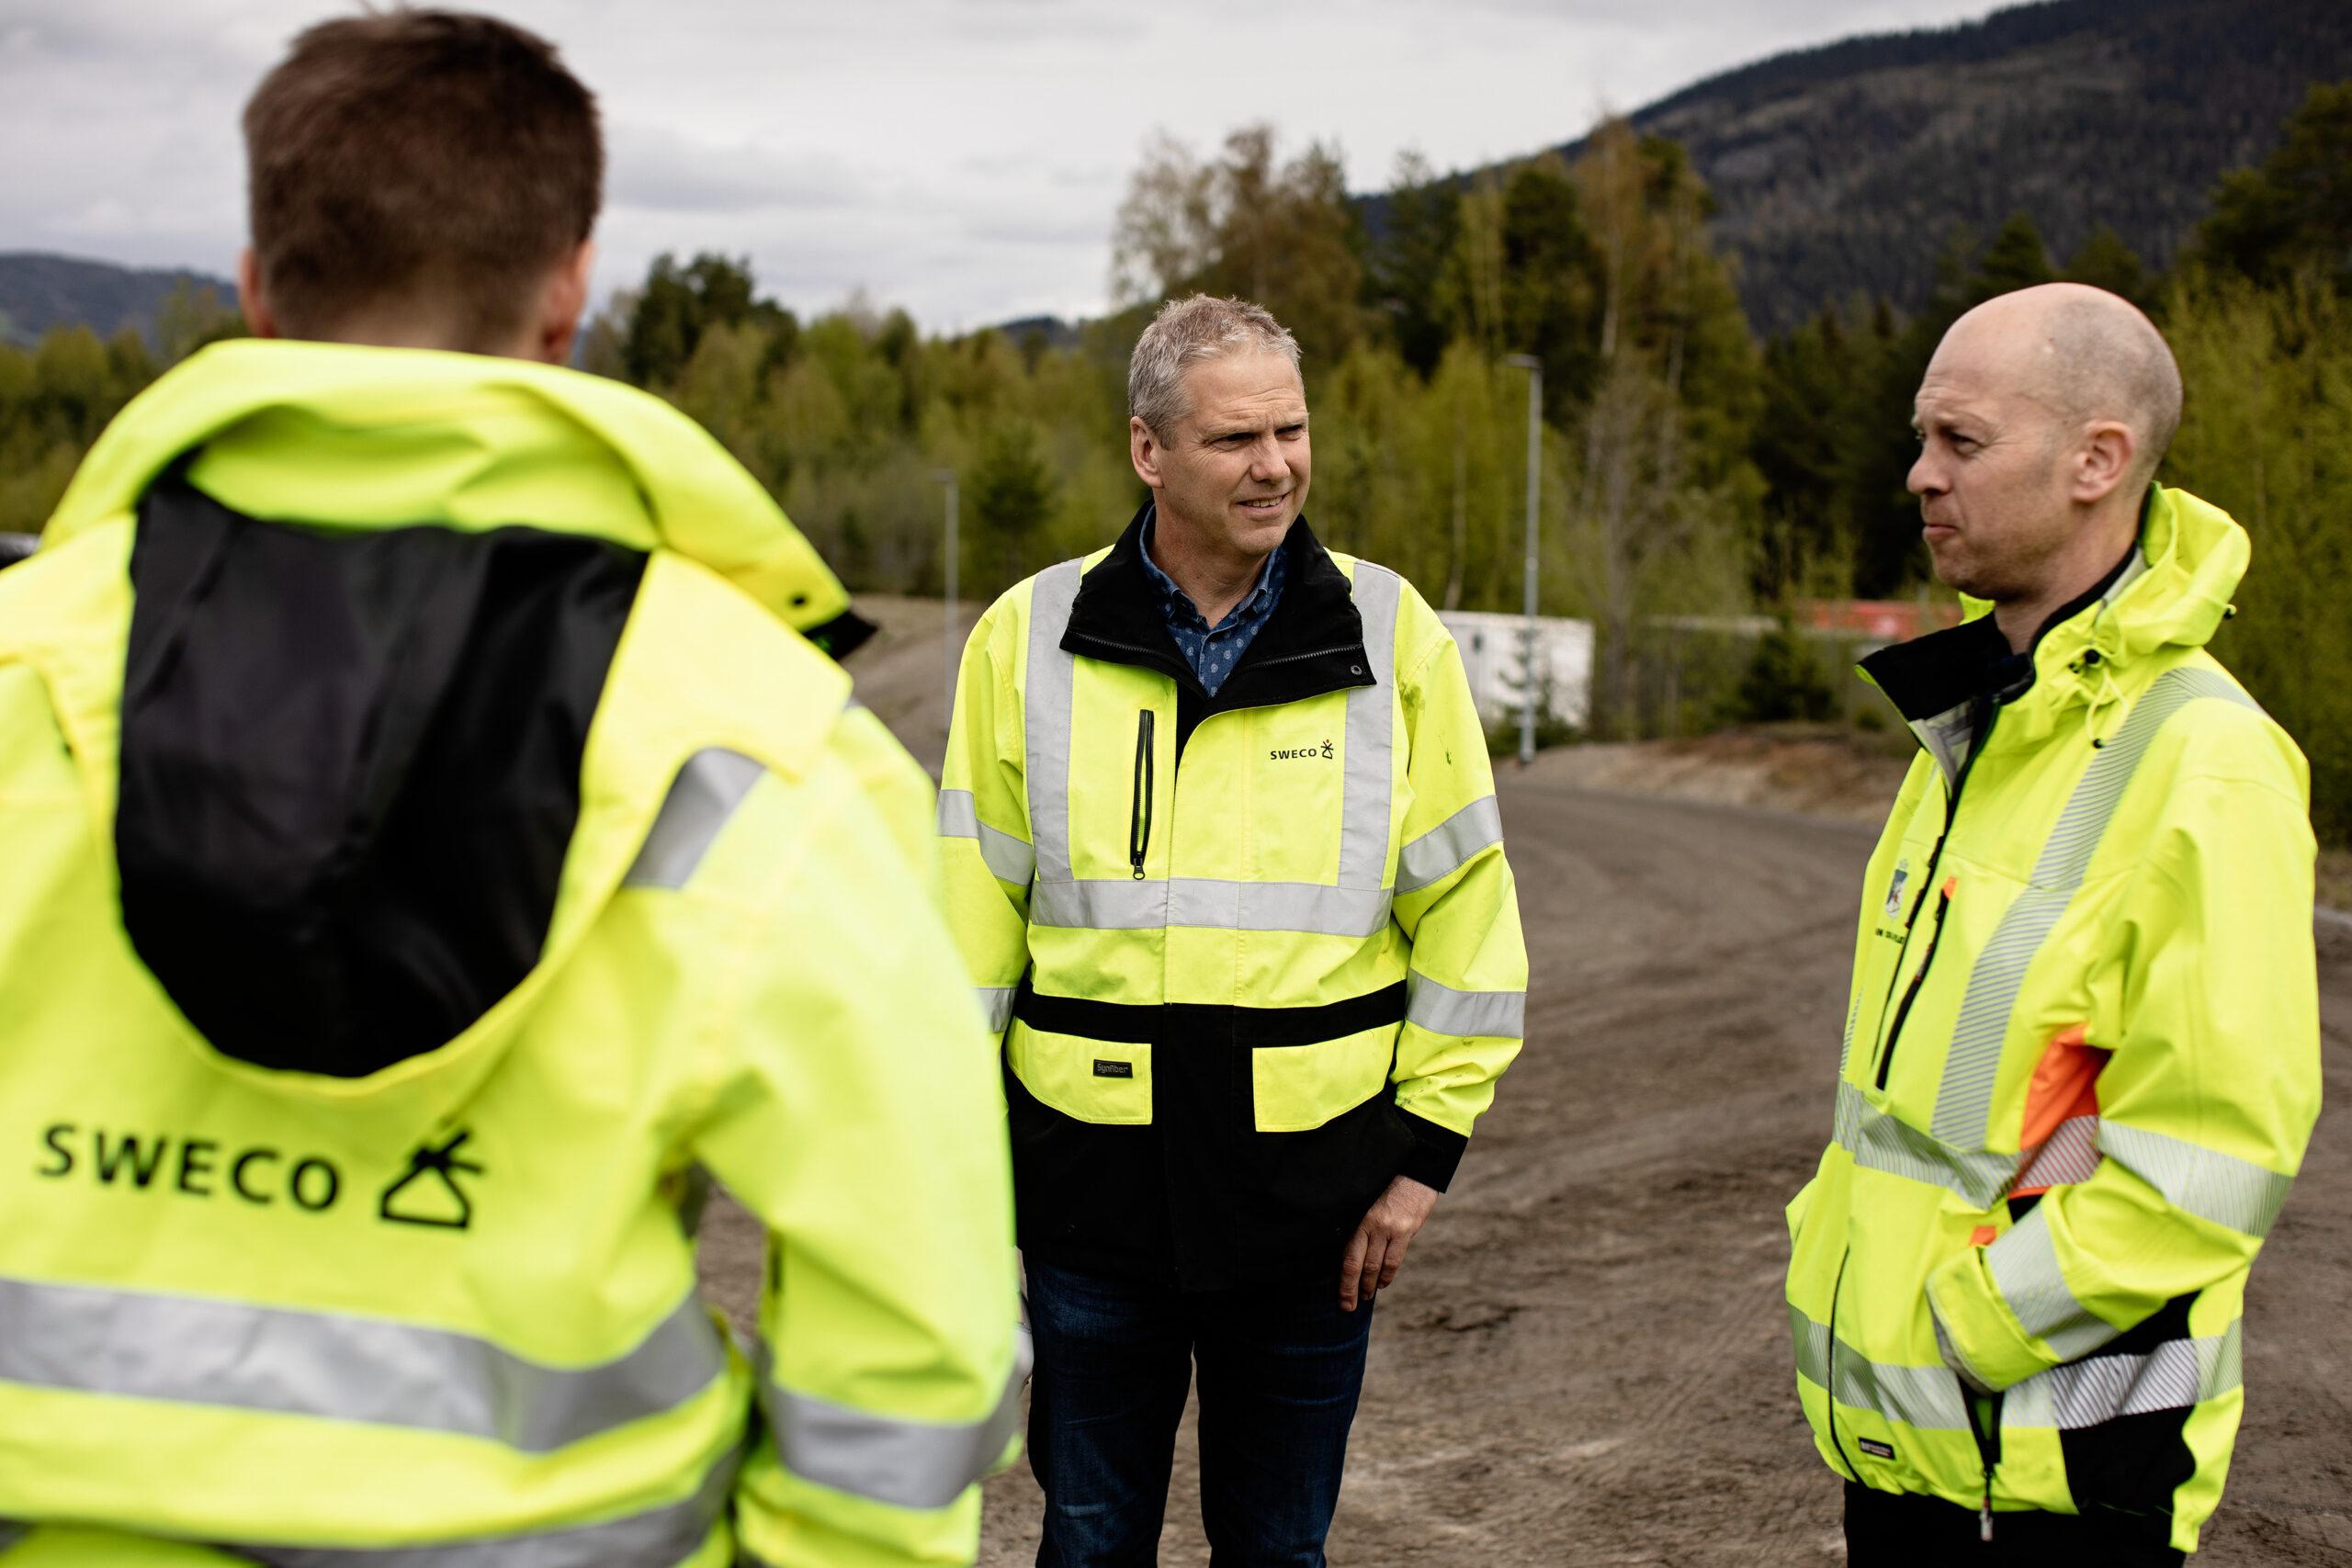 Fire rådgivere på byggeplass ved Lillehammer vannverk